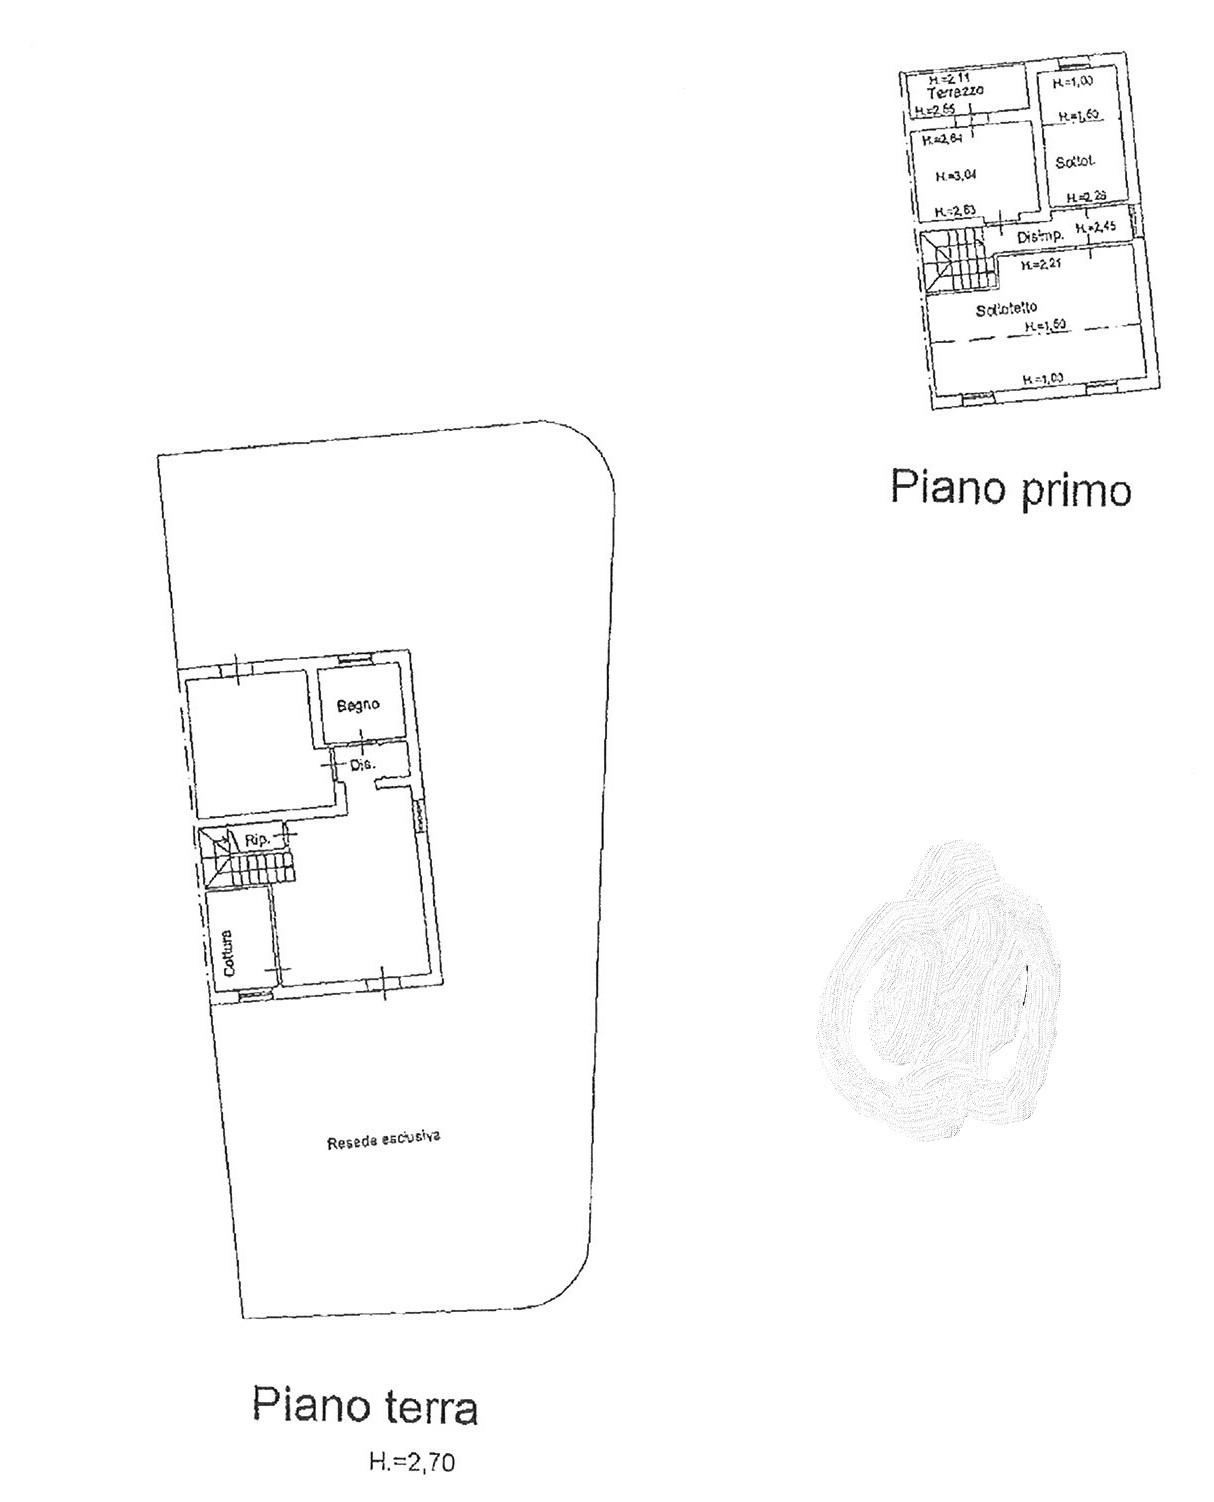 Planimetria 1/2 per rif. vbf picc 230